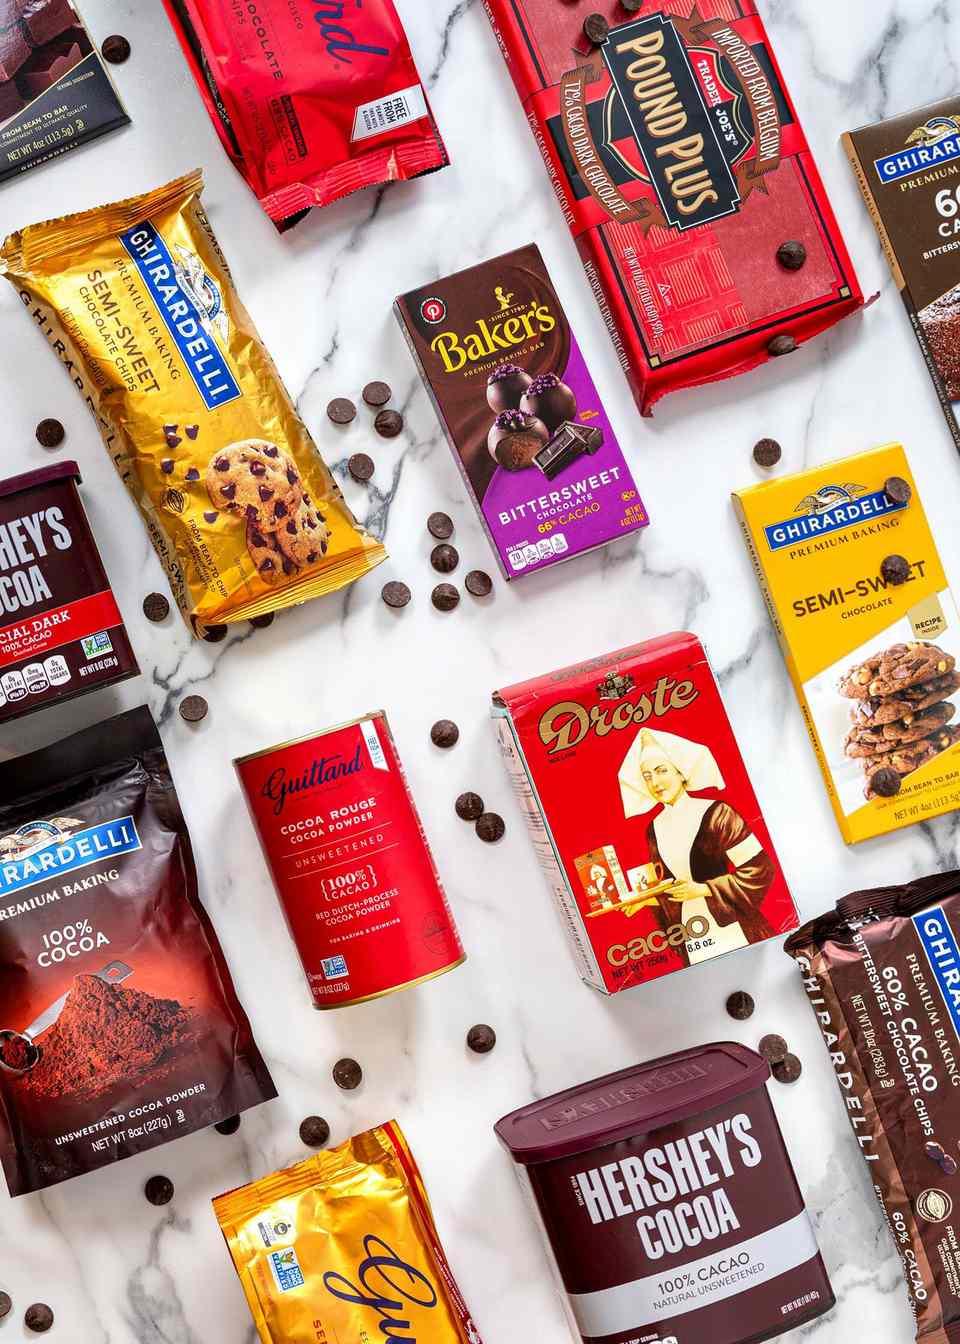 Favorite baking chocolate